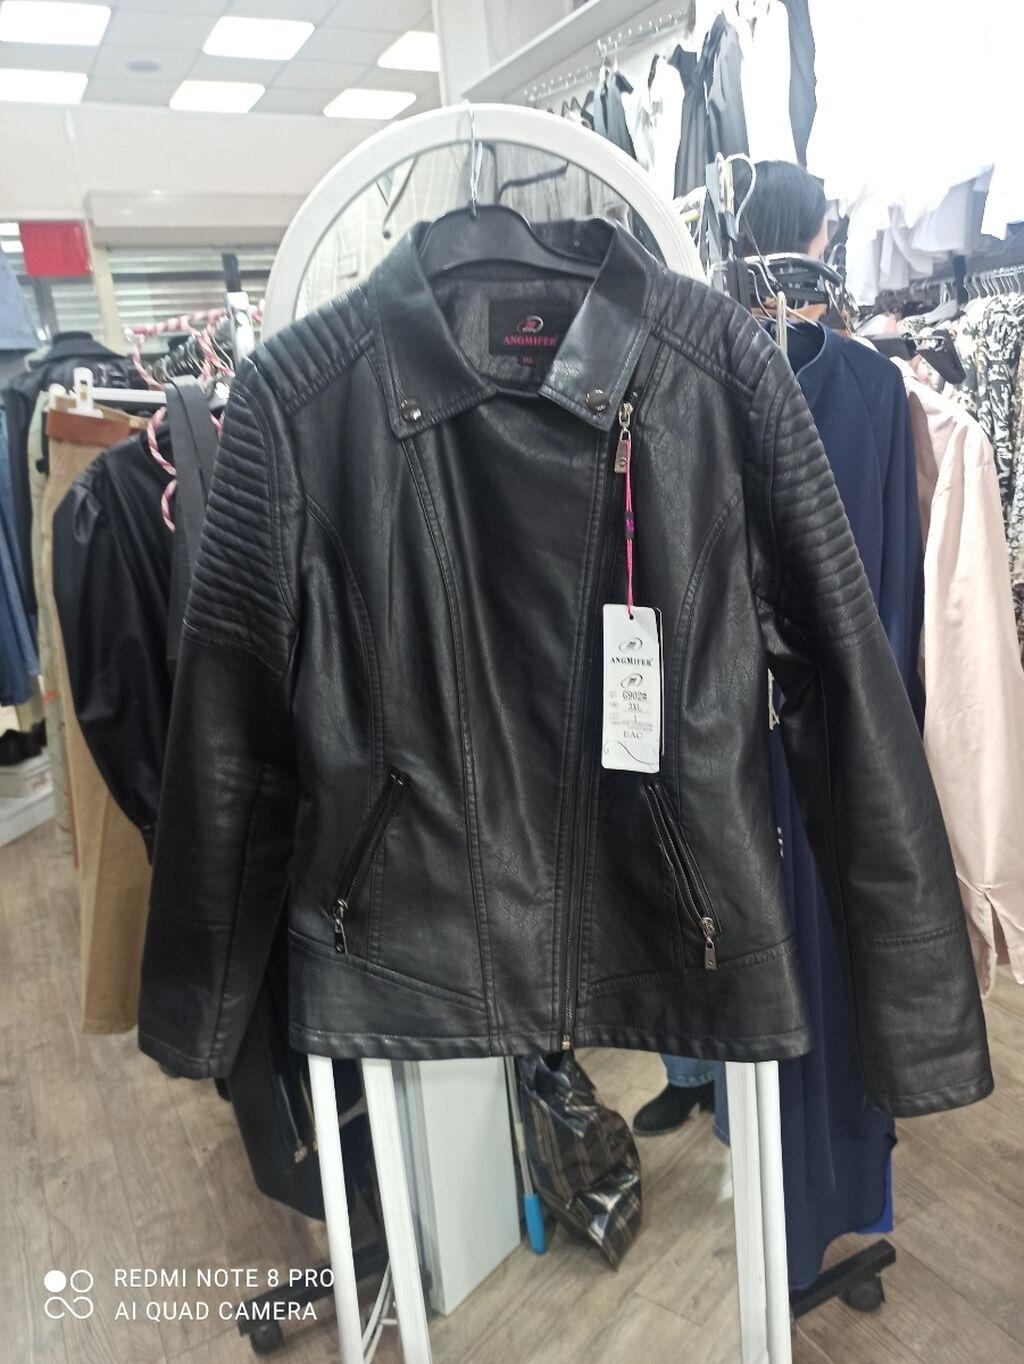 Продаю куртку новую,качество отличное,не подошел размер,уступлю: Продаю куртку новую,качество отличное,не подошел размер,уступлю